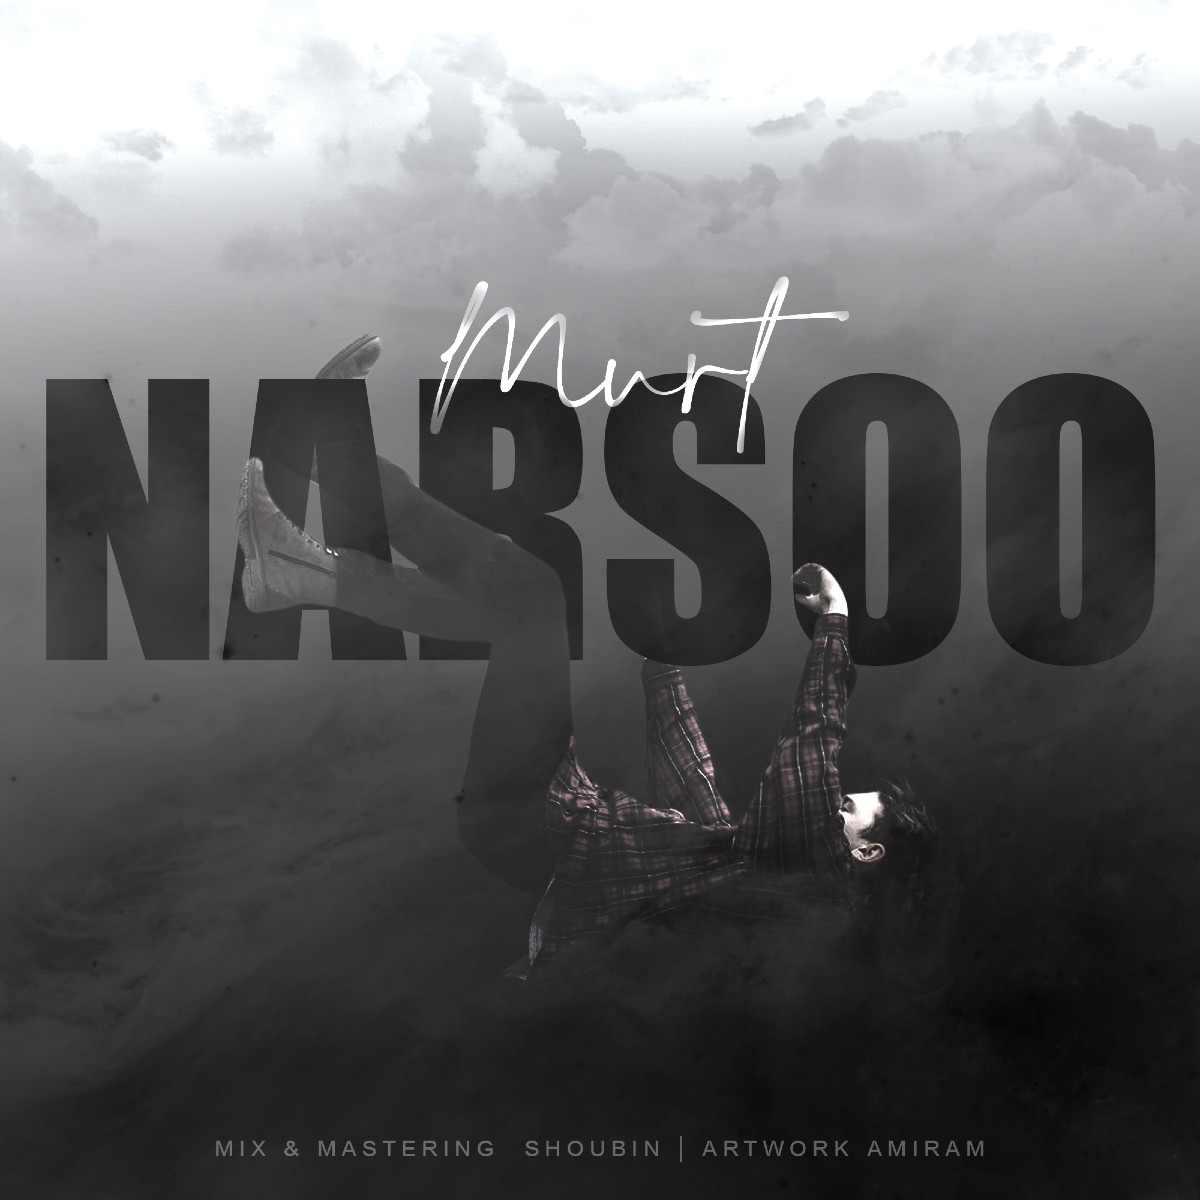 Murt - Narsoo (Album)